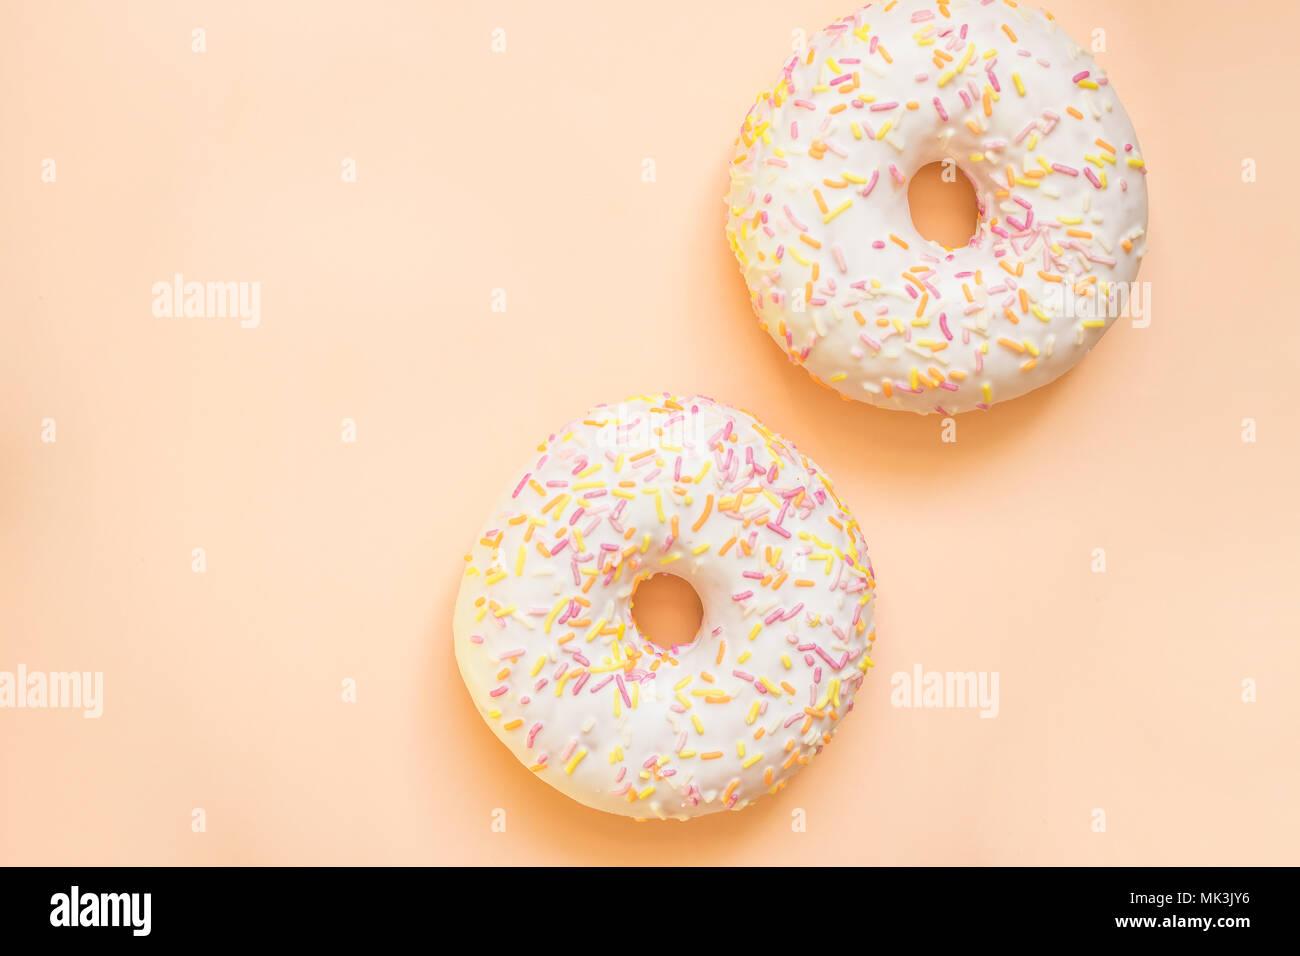 Donut mit weißer Zuckerglasur farbige Topping, auf gelben Hintergrund isoliert. Lecker Klassiker zwei verglaste Donuts isoliert. Leckere bunte Donuts Stockbild